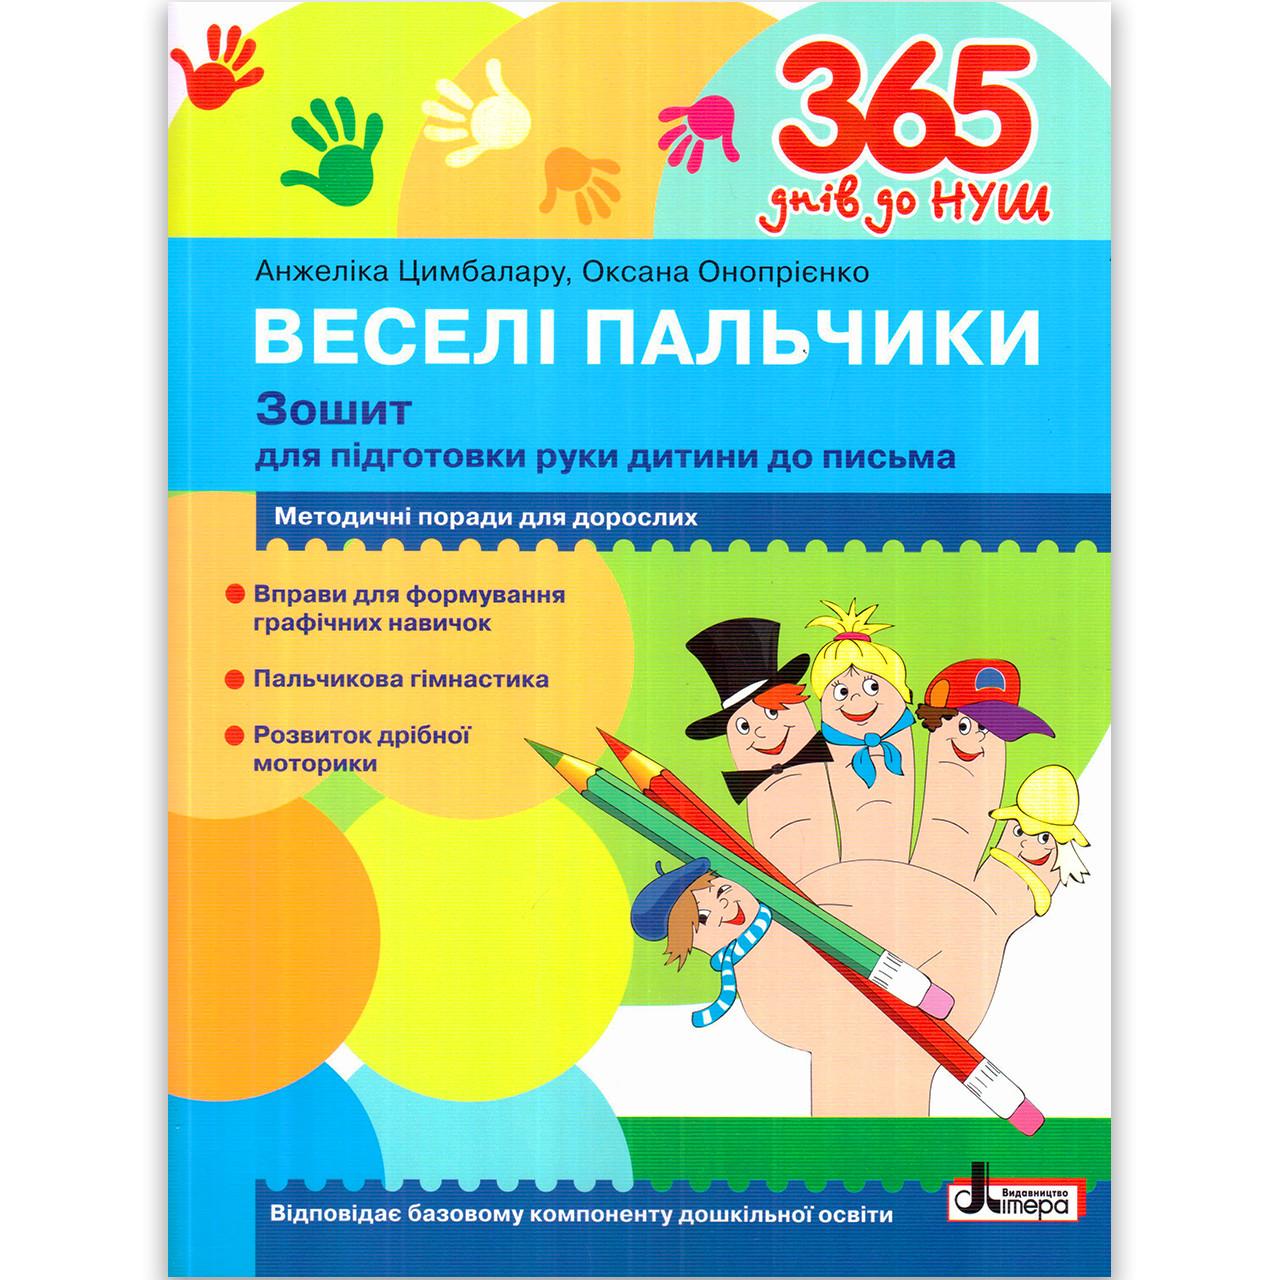 365 днів до НУШ Веселі пальчики Підготовка руки до письма Авт: Цимбалару А. Вид: Літера